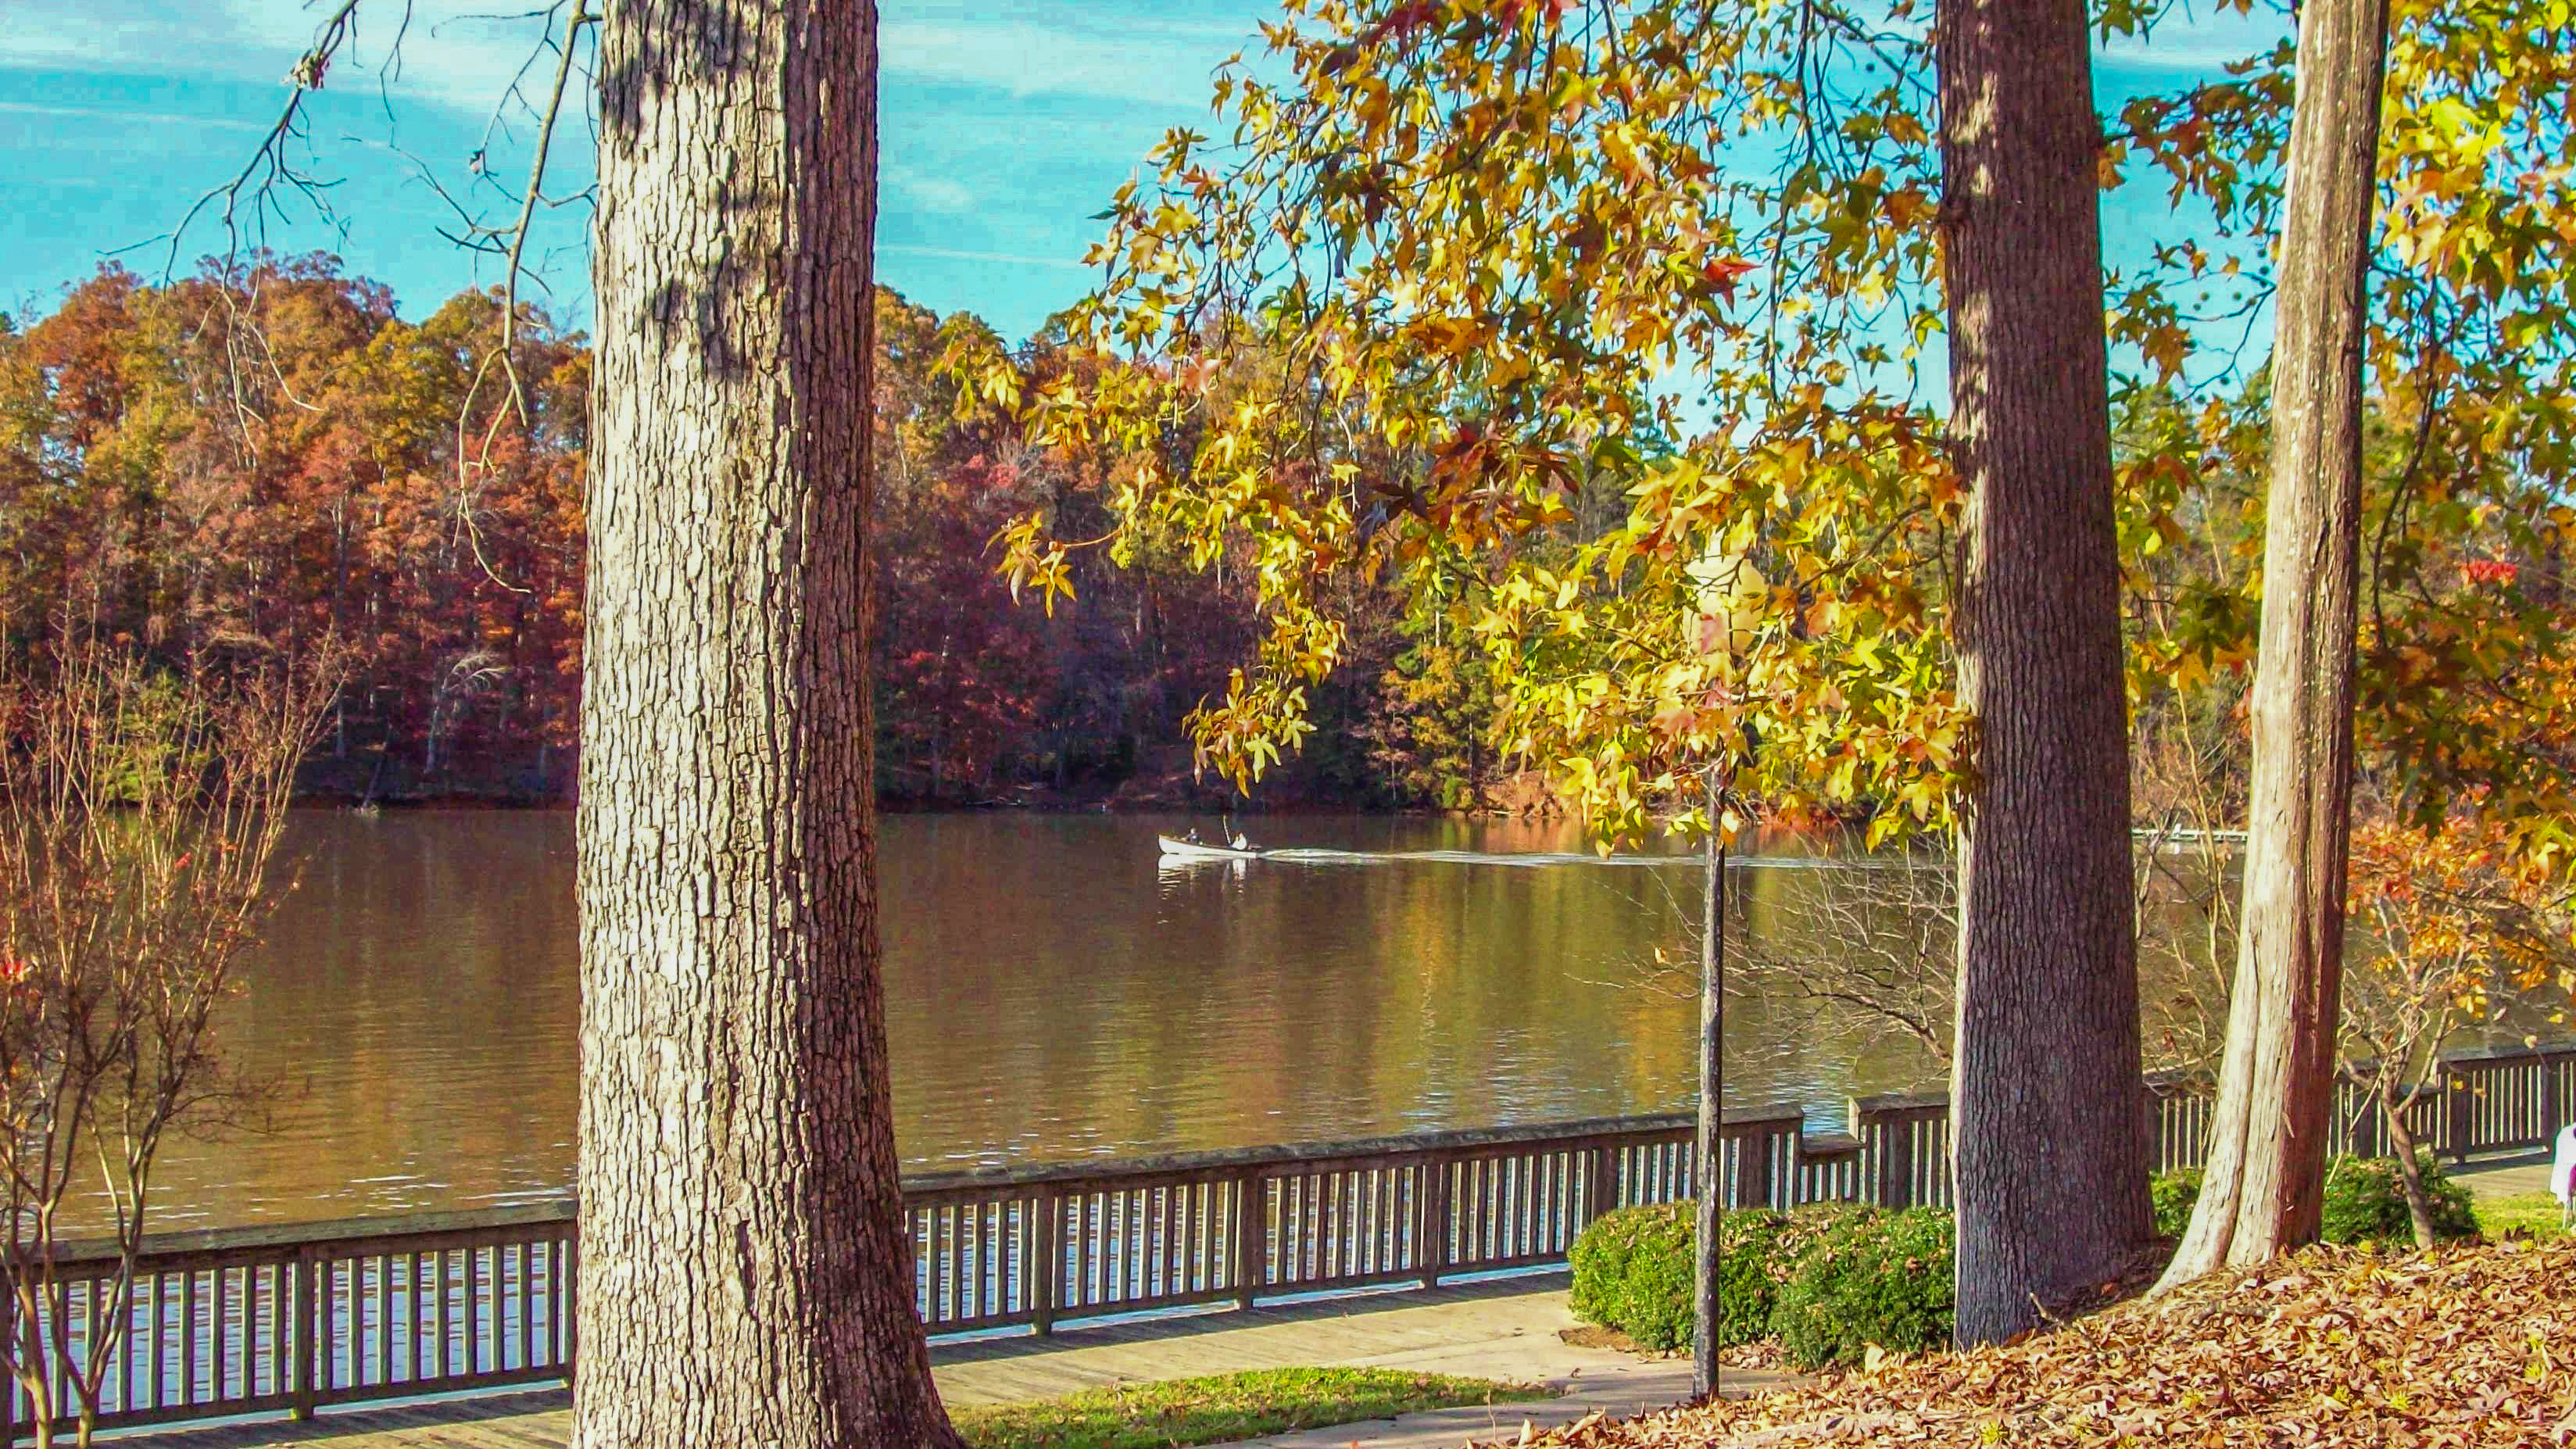 McDowell Park Lake View.jpg